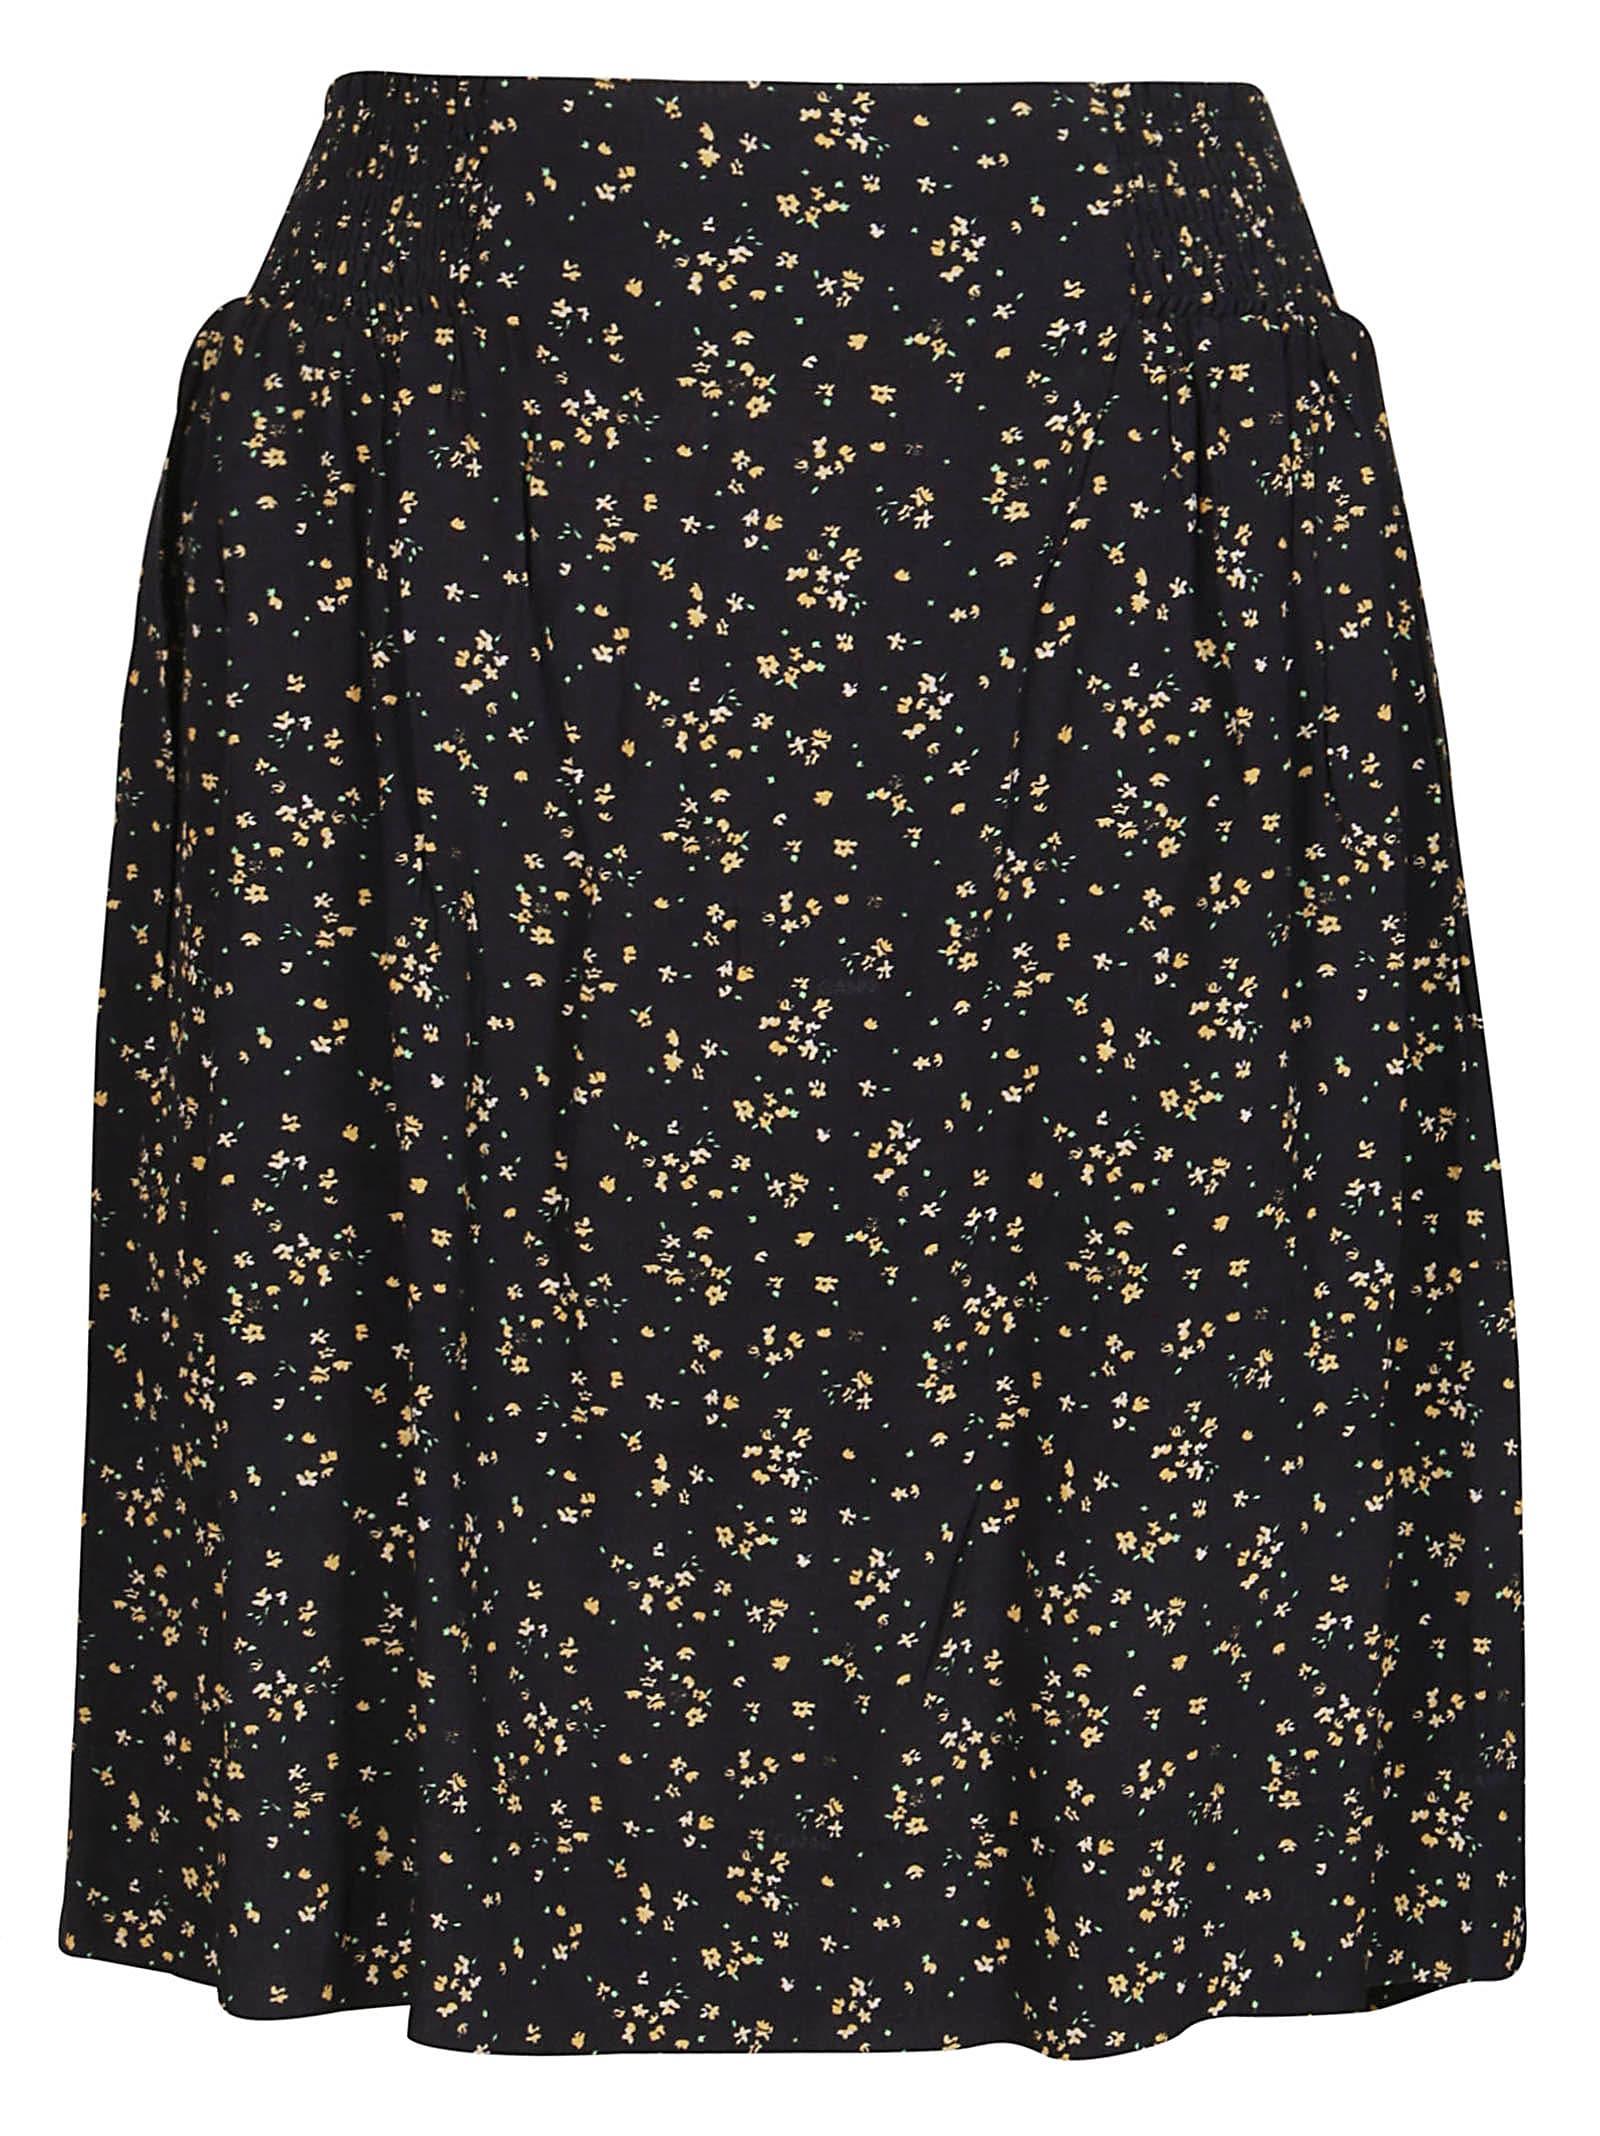 Ganni Skirts BLACK VISCOSE SKIRT